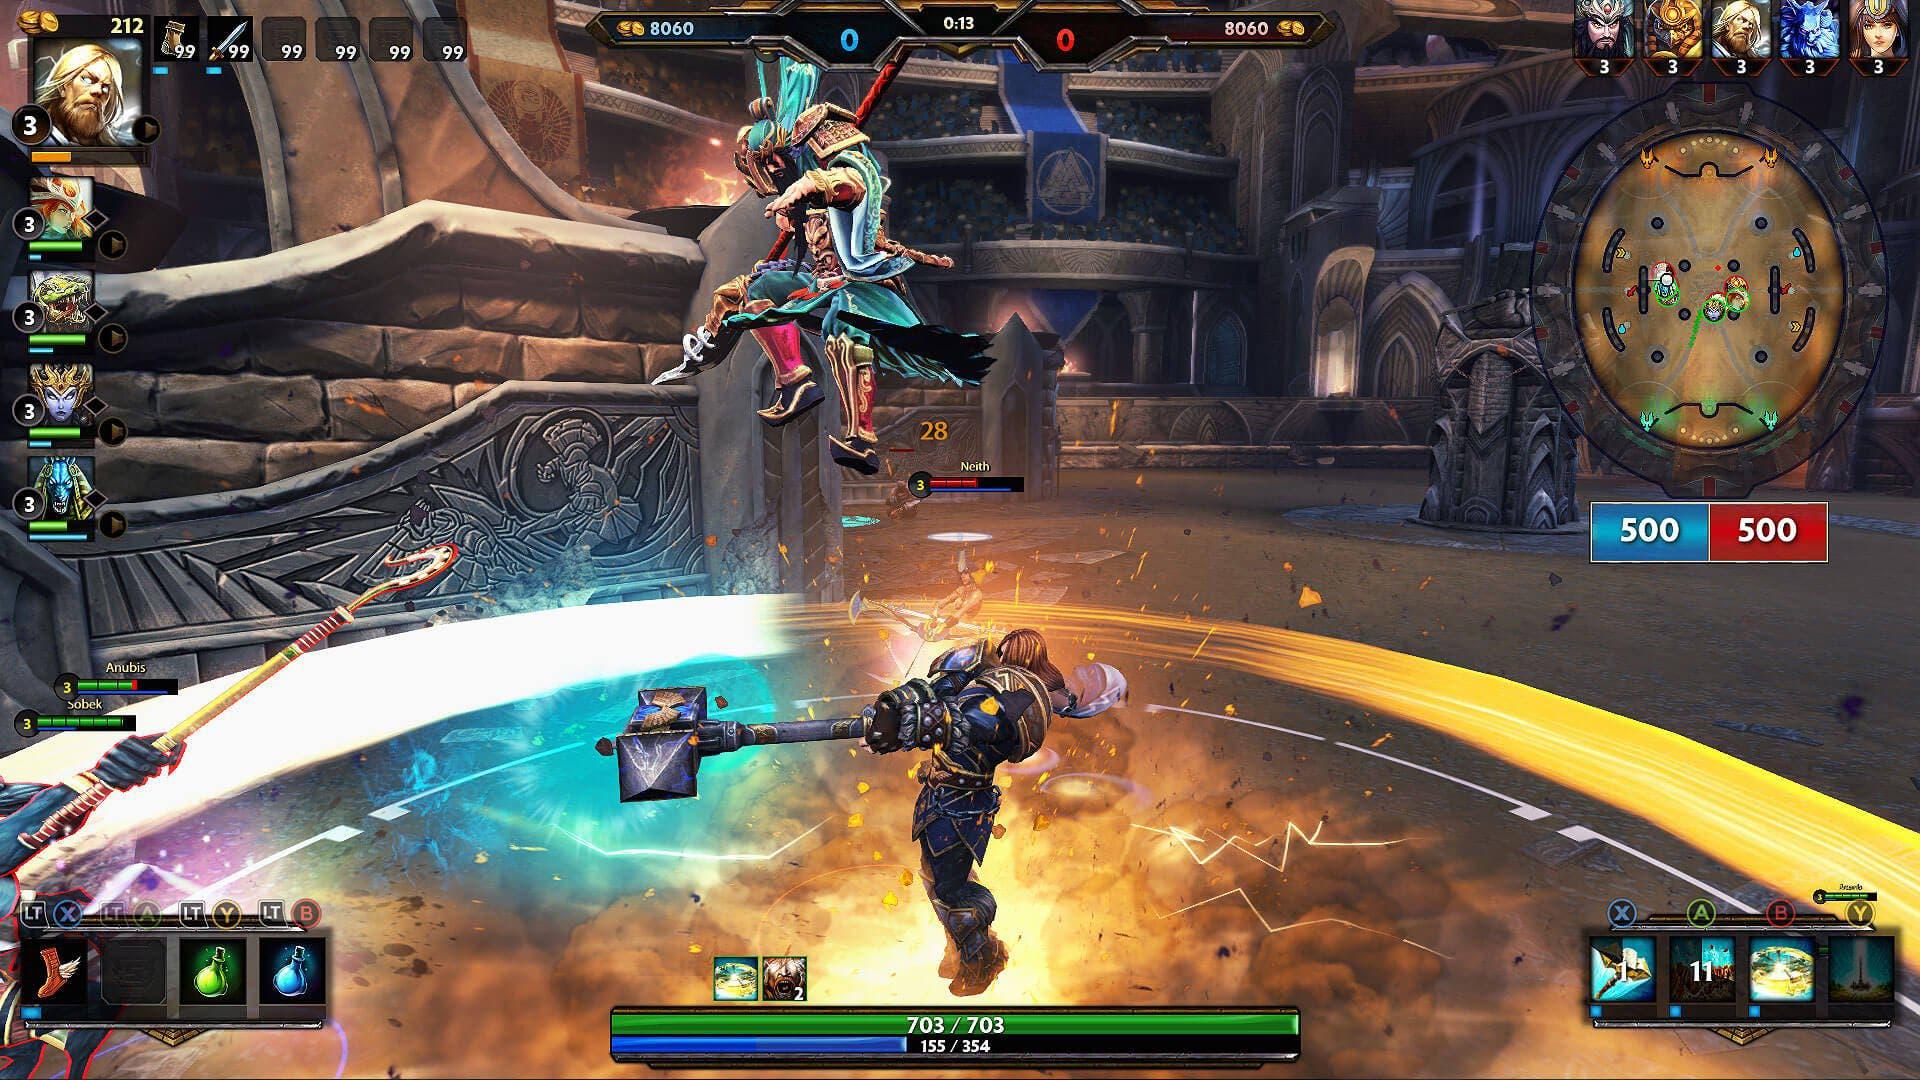 Smite se actualiza para combatir la toxicidad y mejorar el matchmaking 2